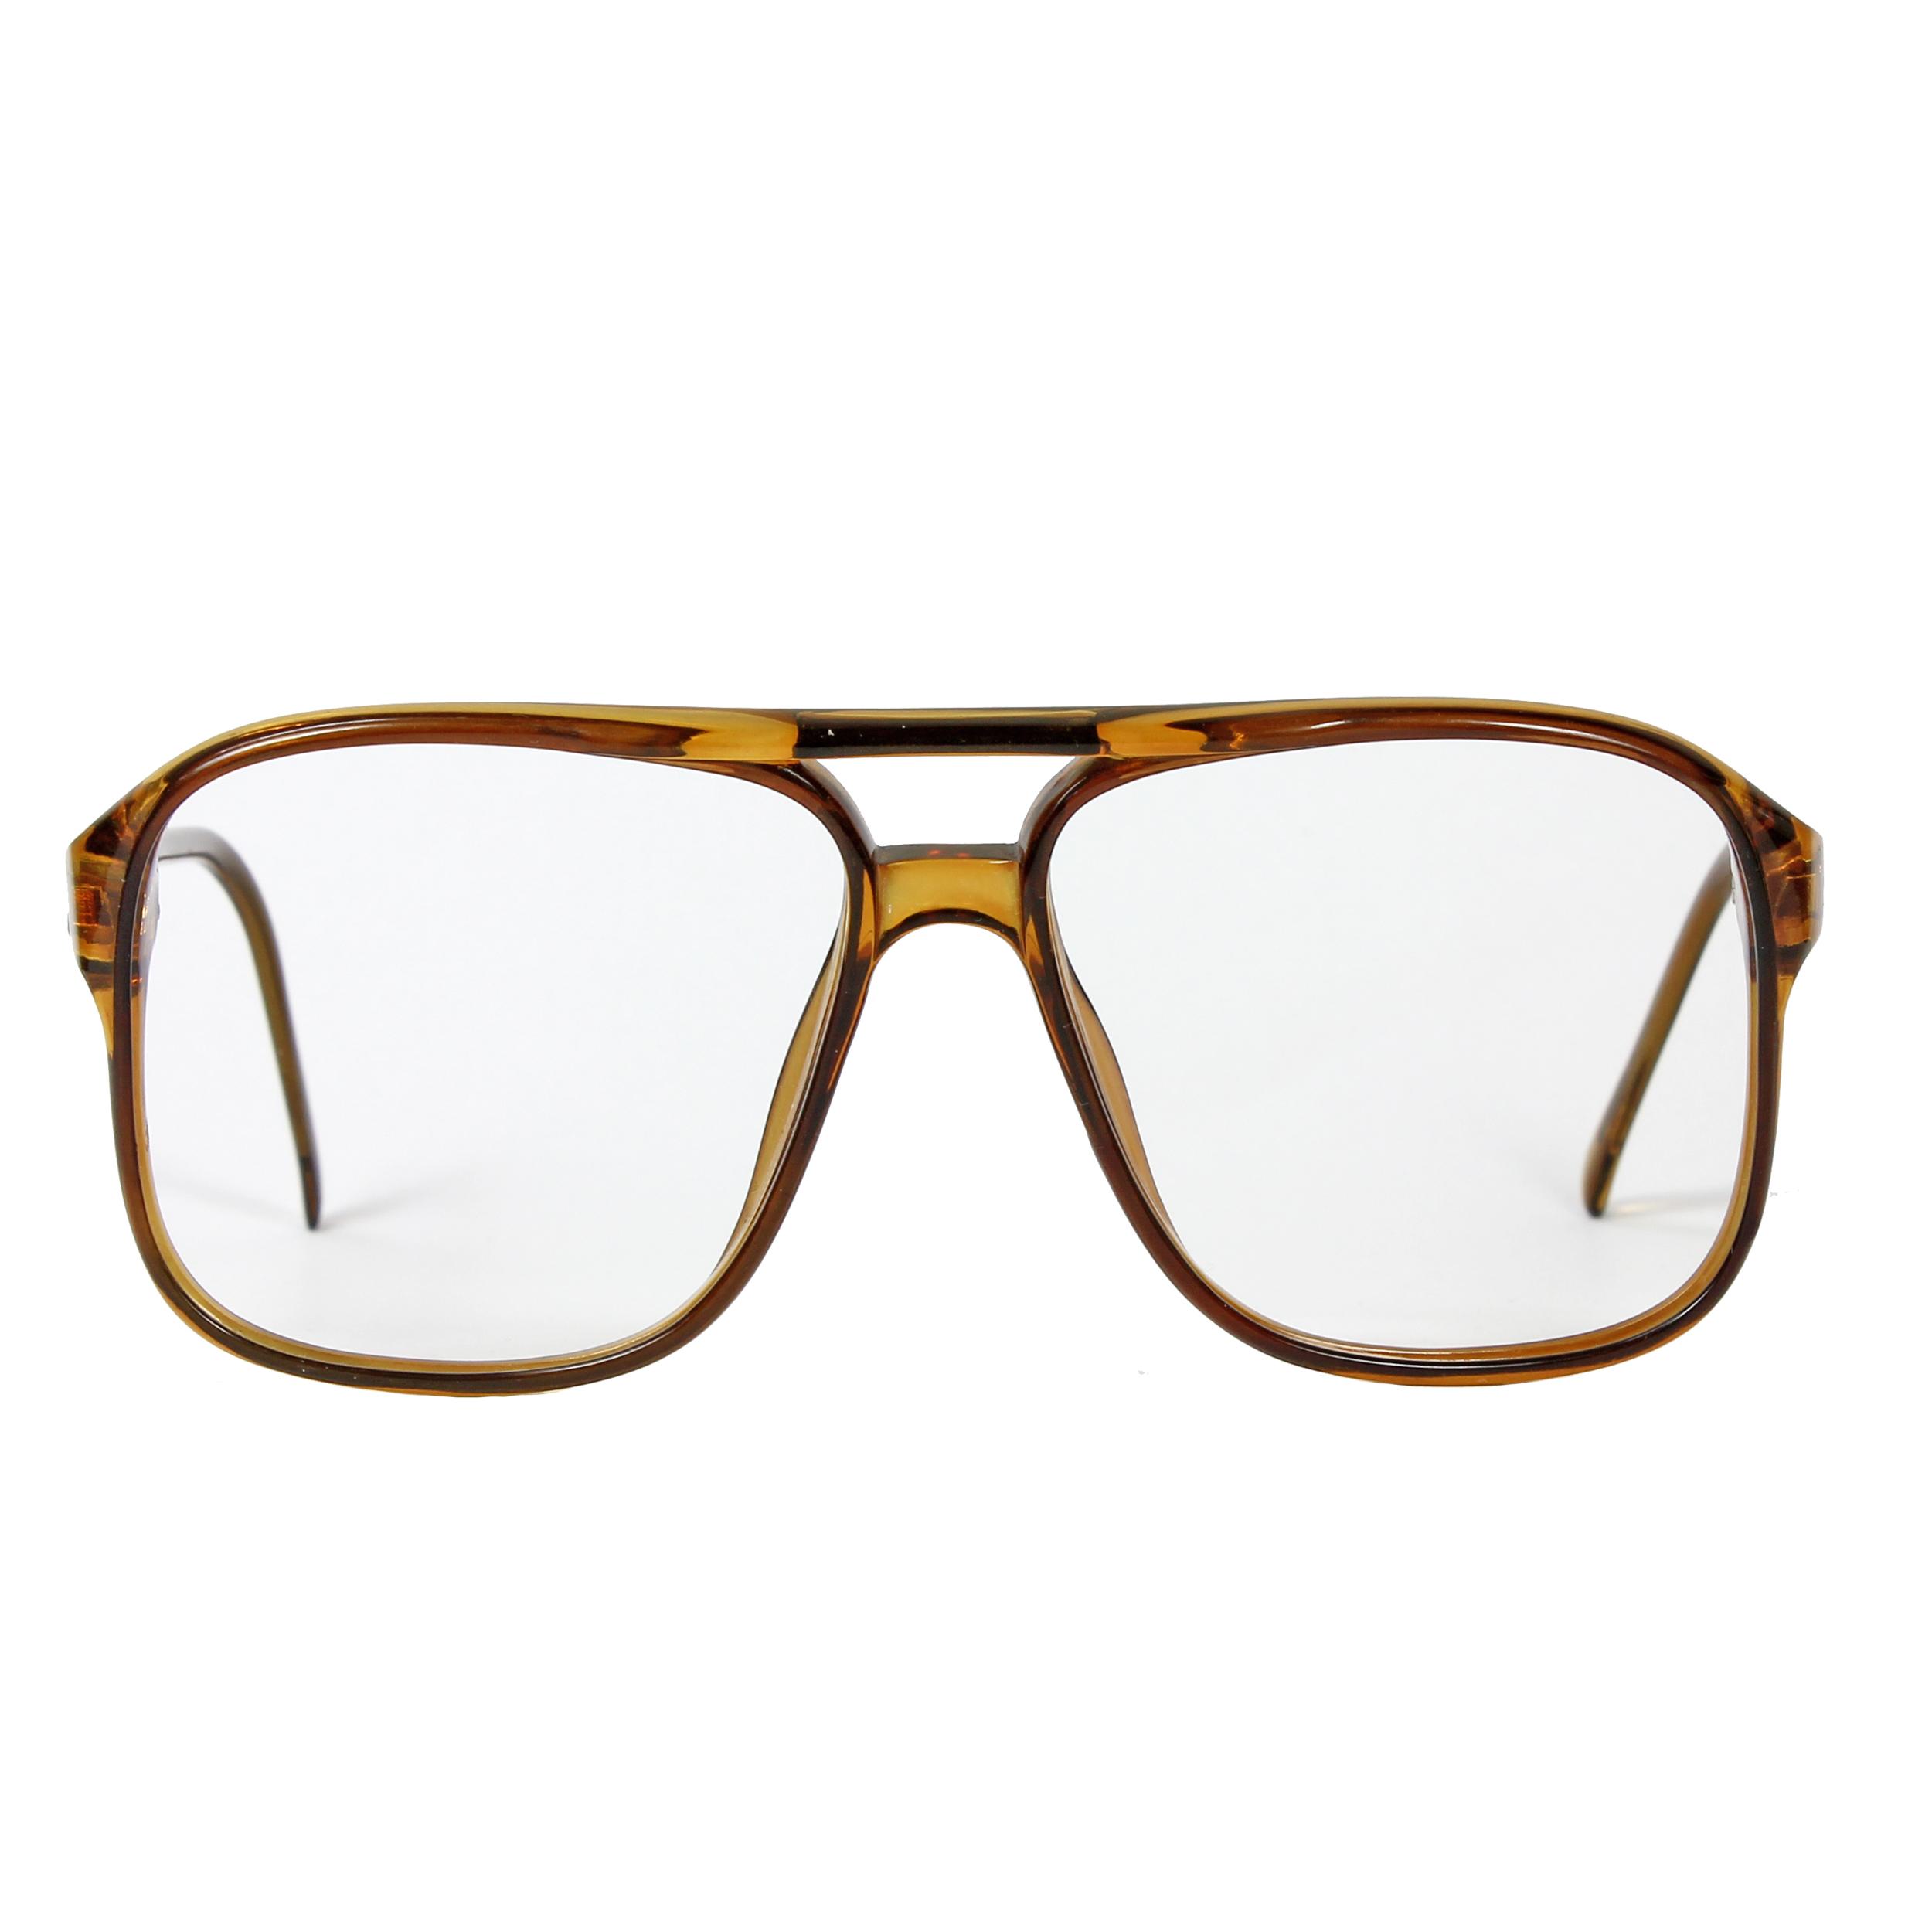 فریم عینک طبی مینوس مدل VISIOMAX